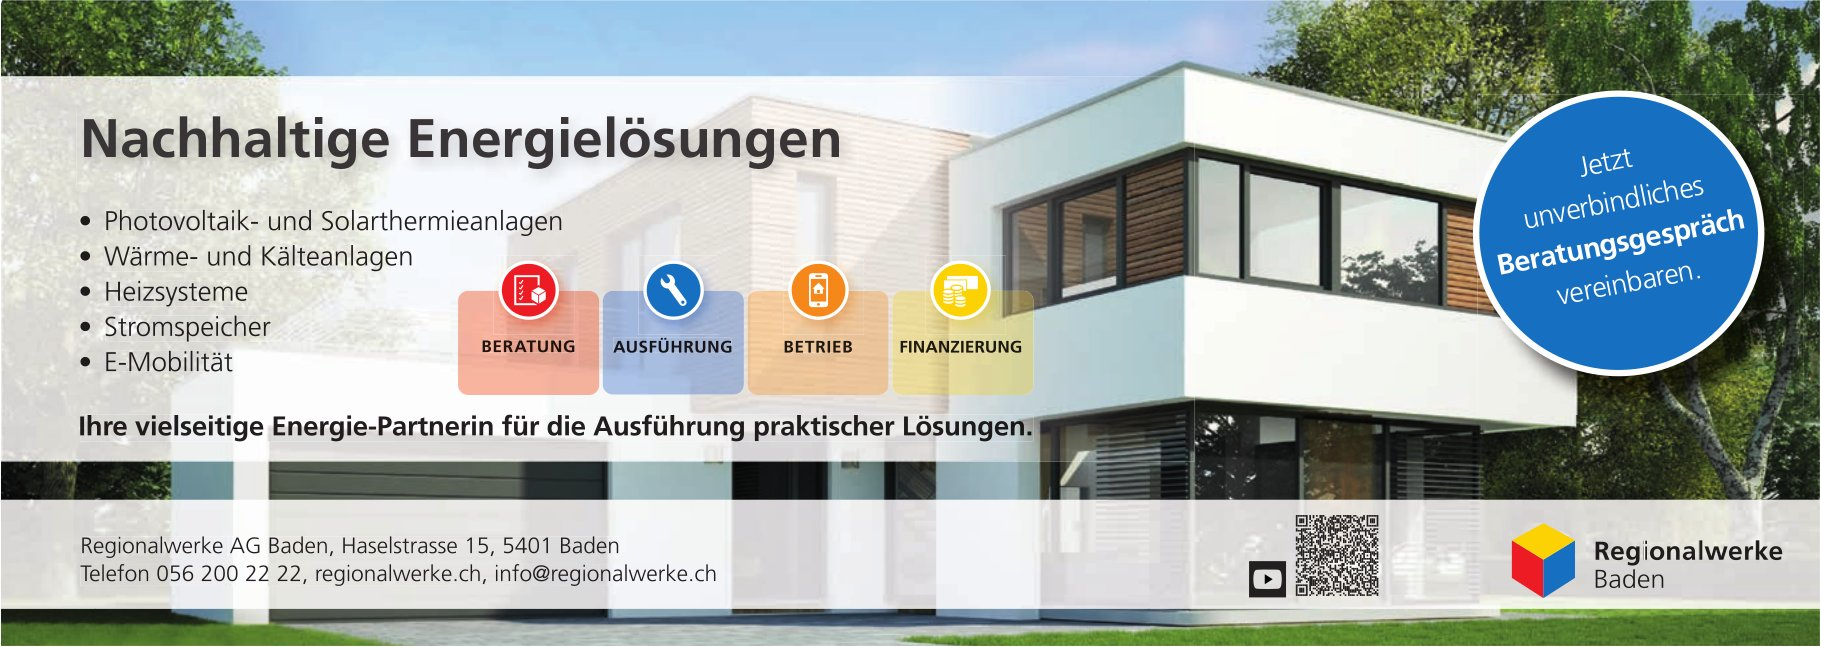 Nachhaltige Energielösungen - Regionalwerke Baden